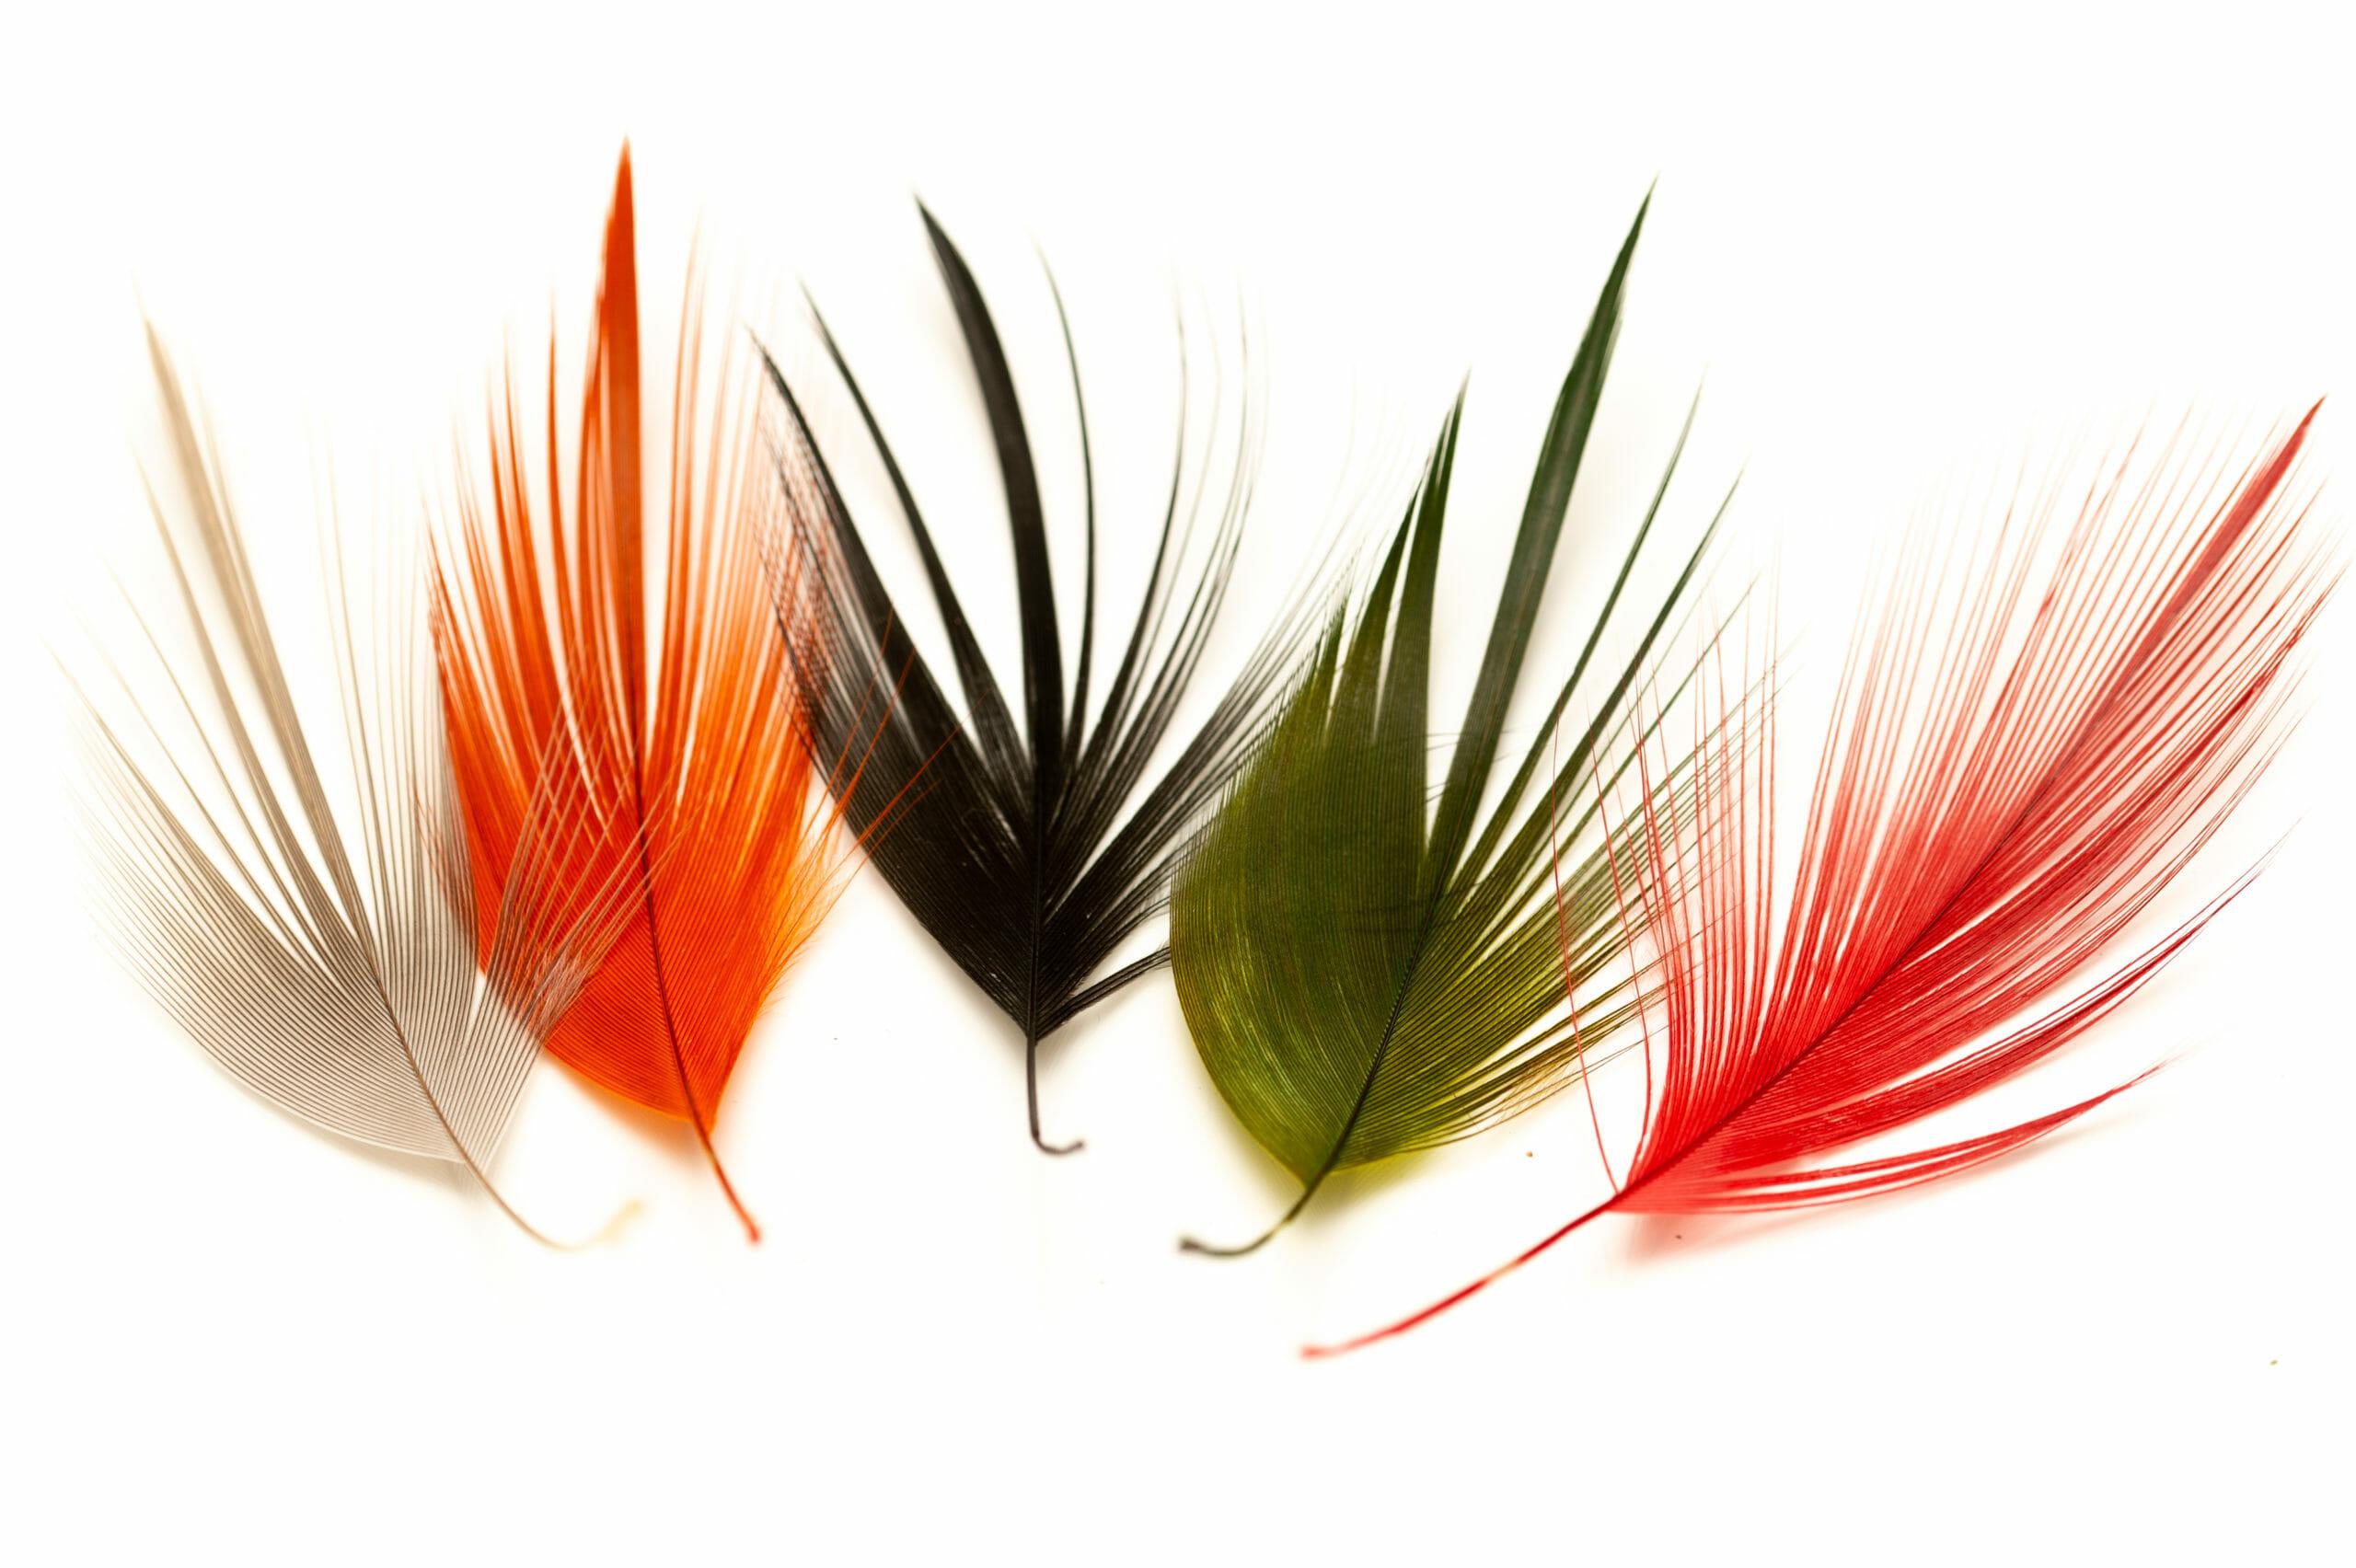 bunte med hägerfjädrar i olika färger